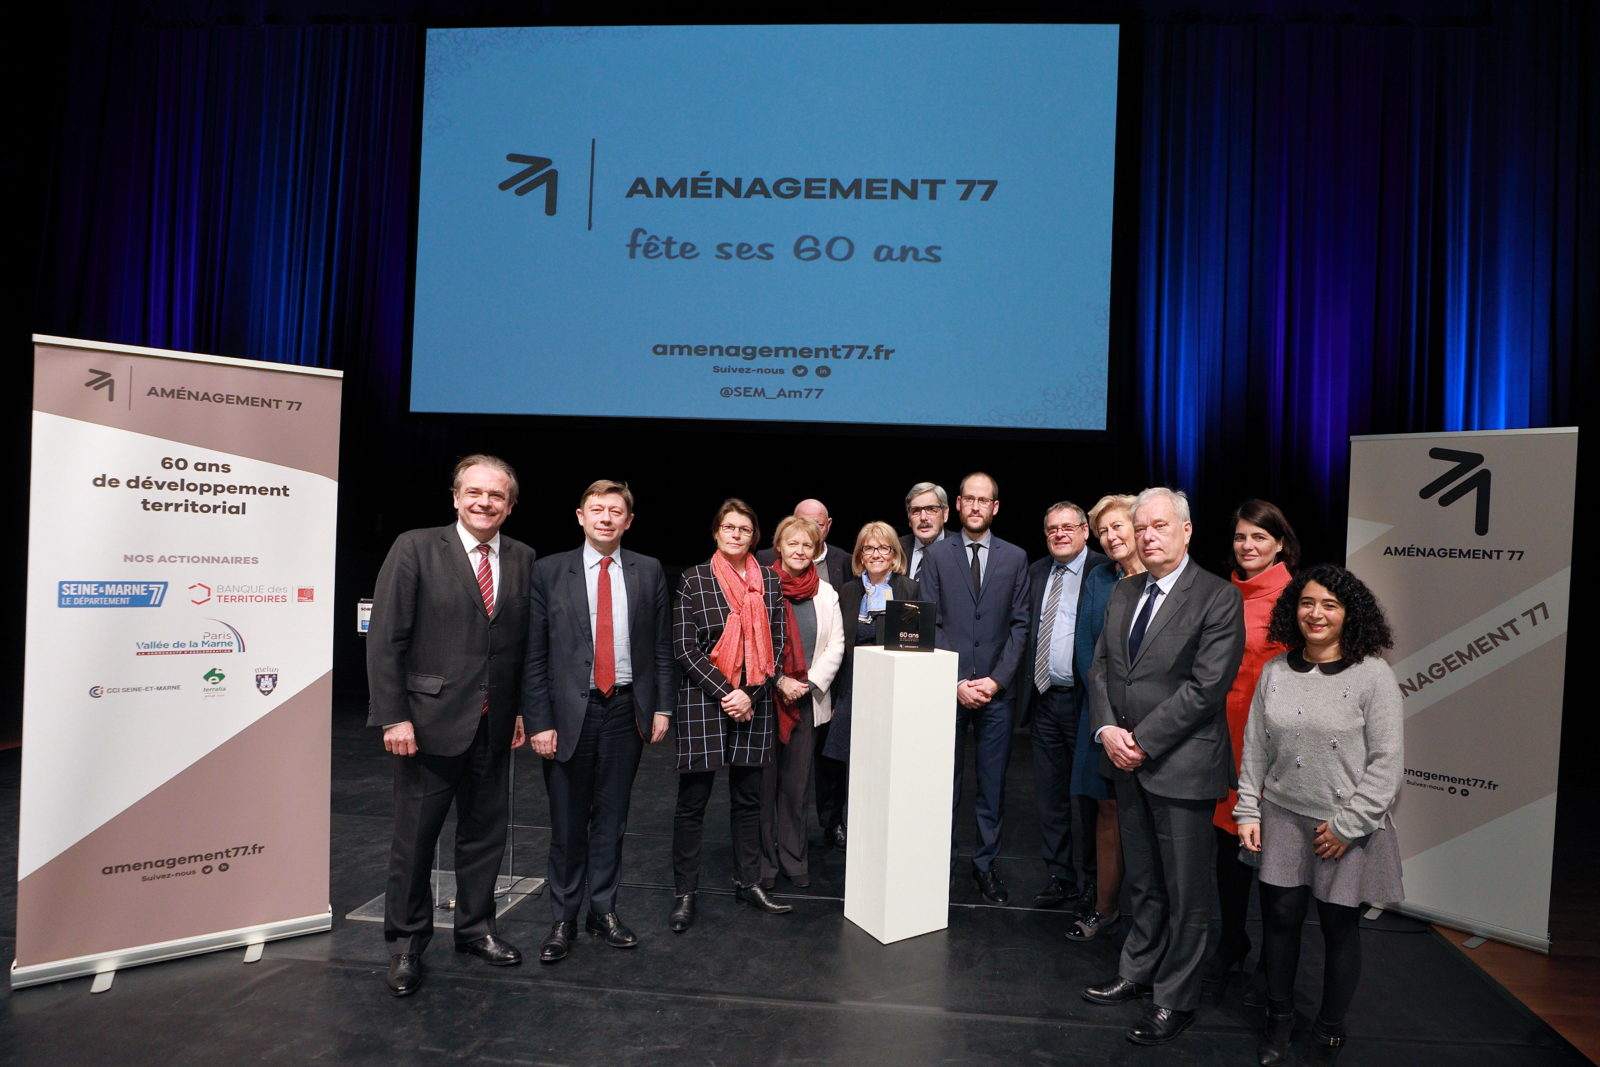 Une soirée en présence de plusieurs parlementaires (ici Jean-Louis THIERIOT, Valérie LACROUTE et Aude LUQUET)